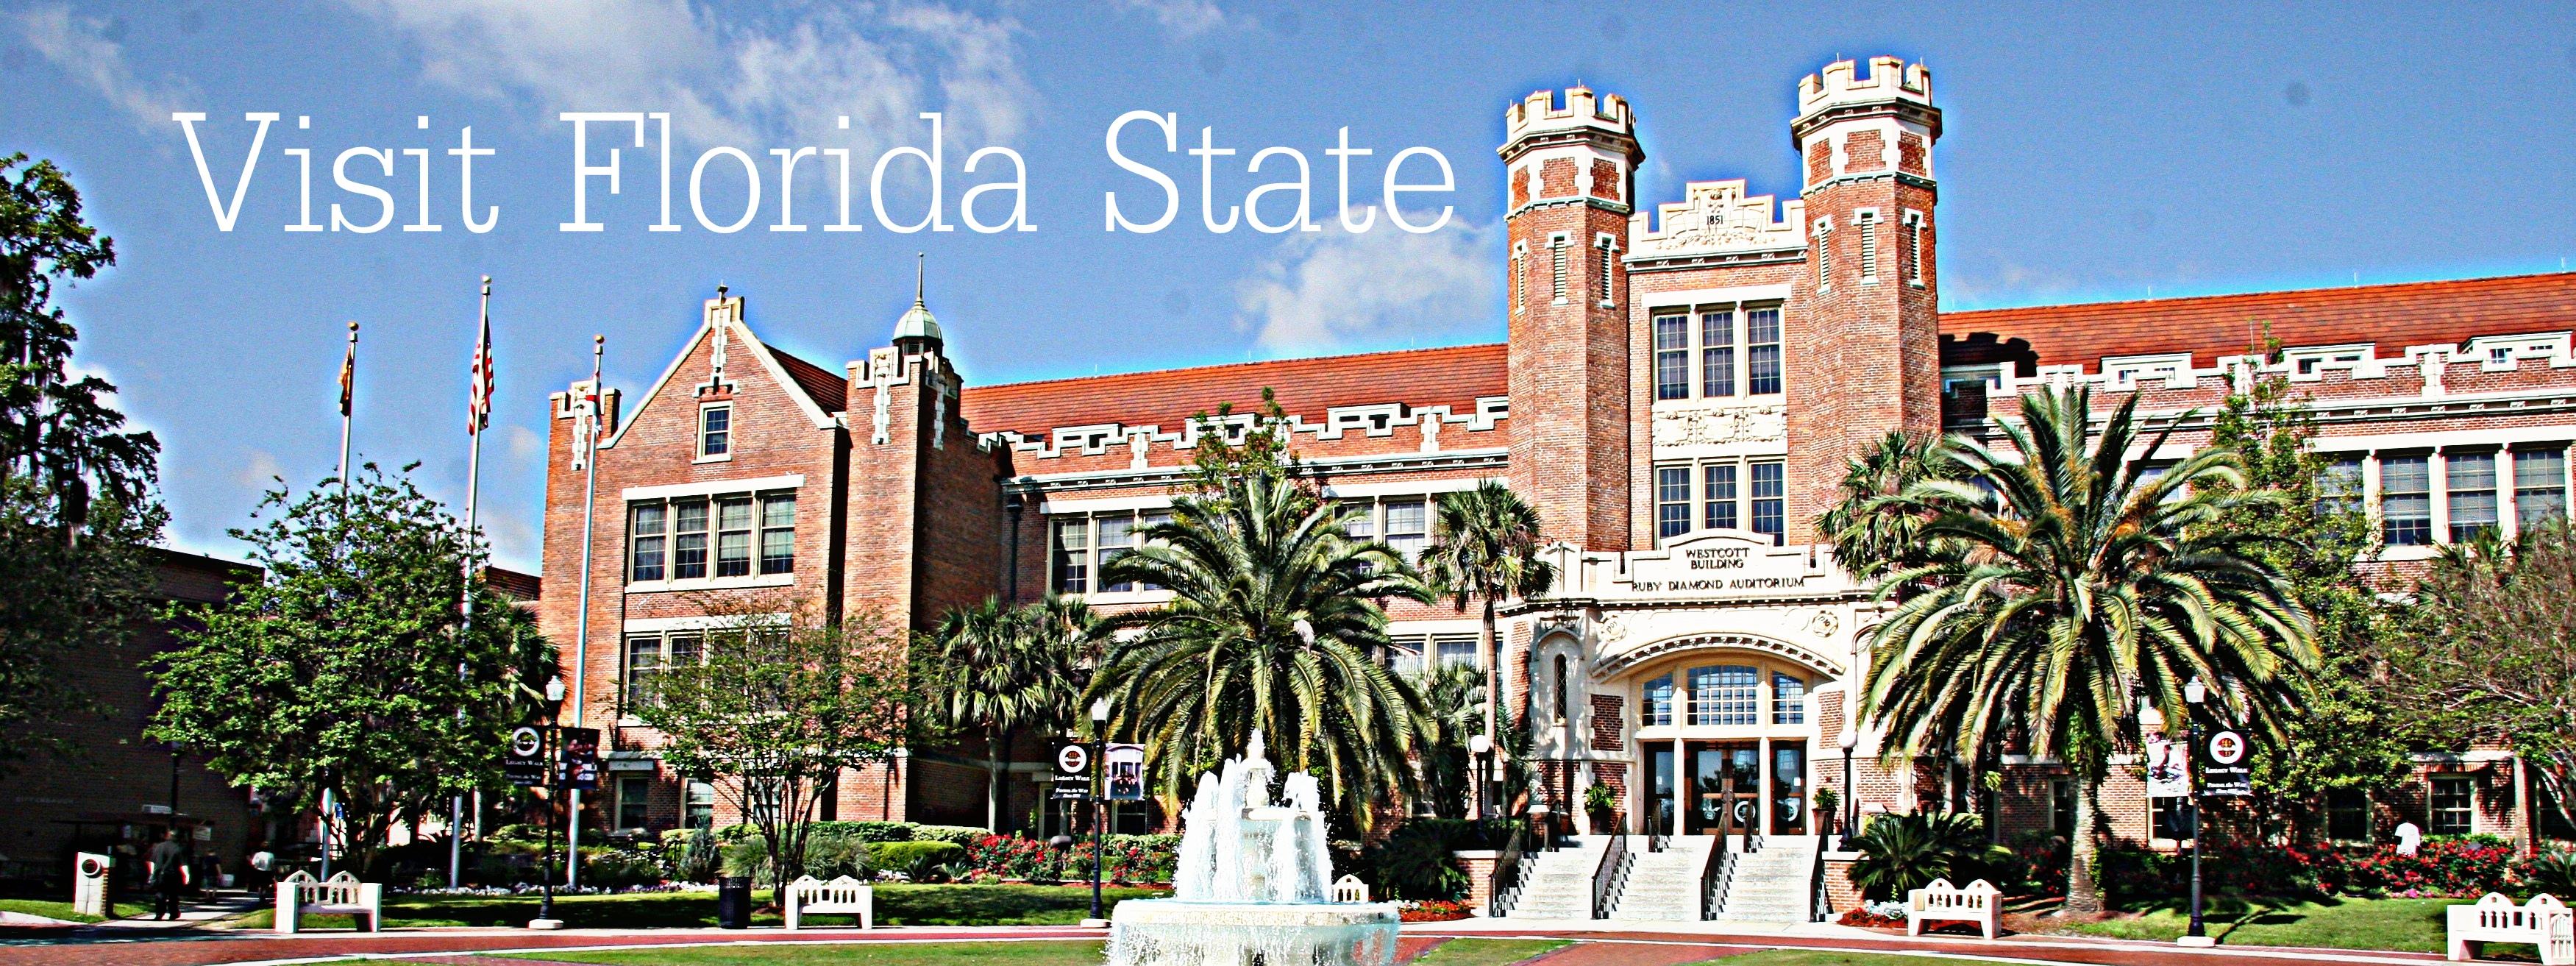 Visit Florida State